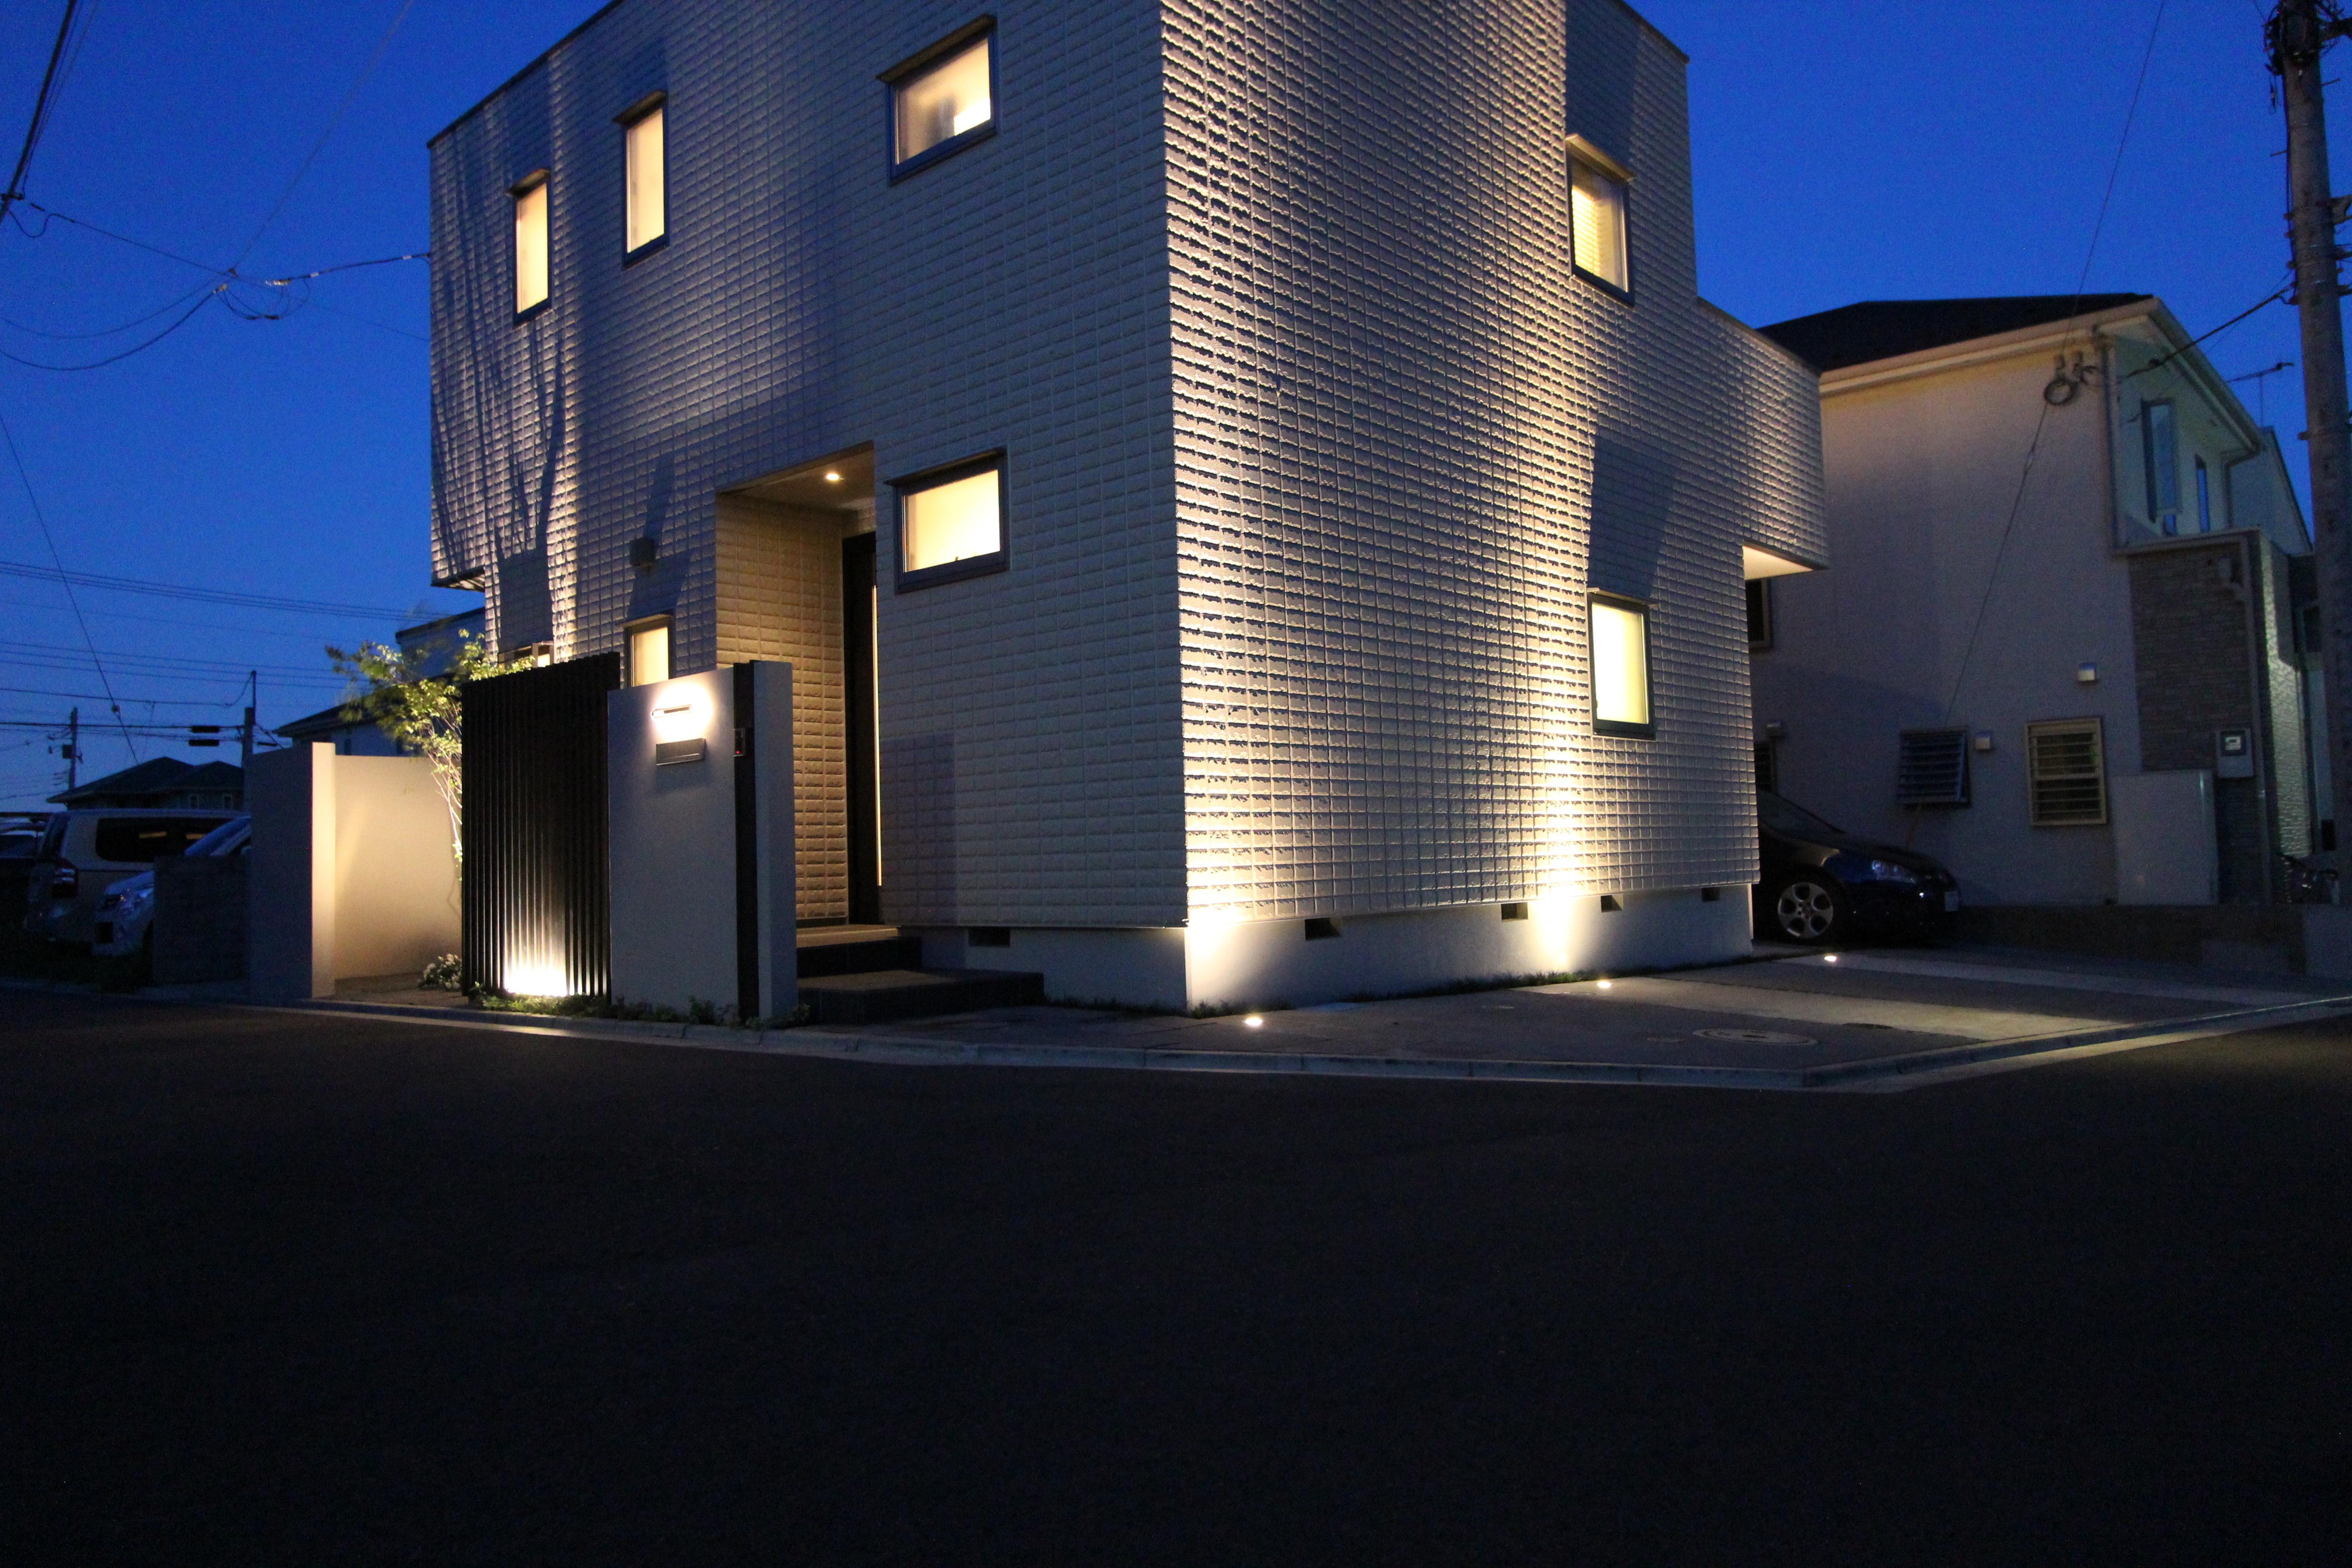 埋め込みライトとスポットライトで建物に影を映して。 秦野市